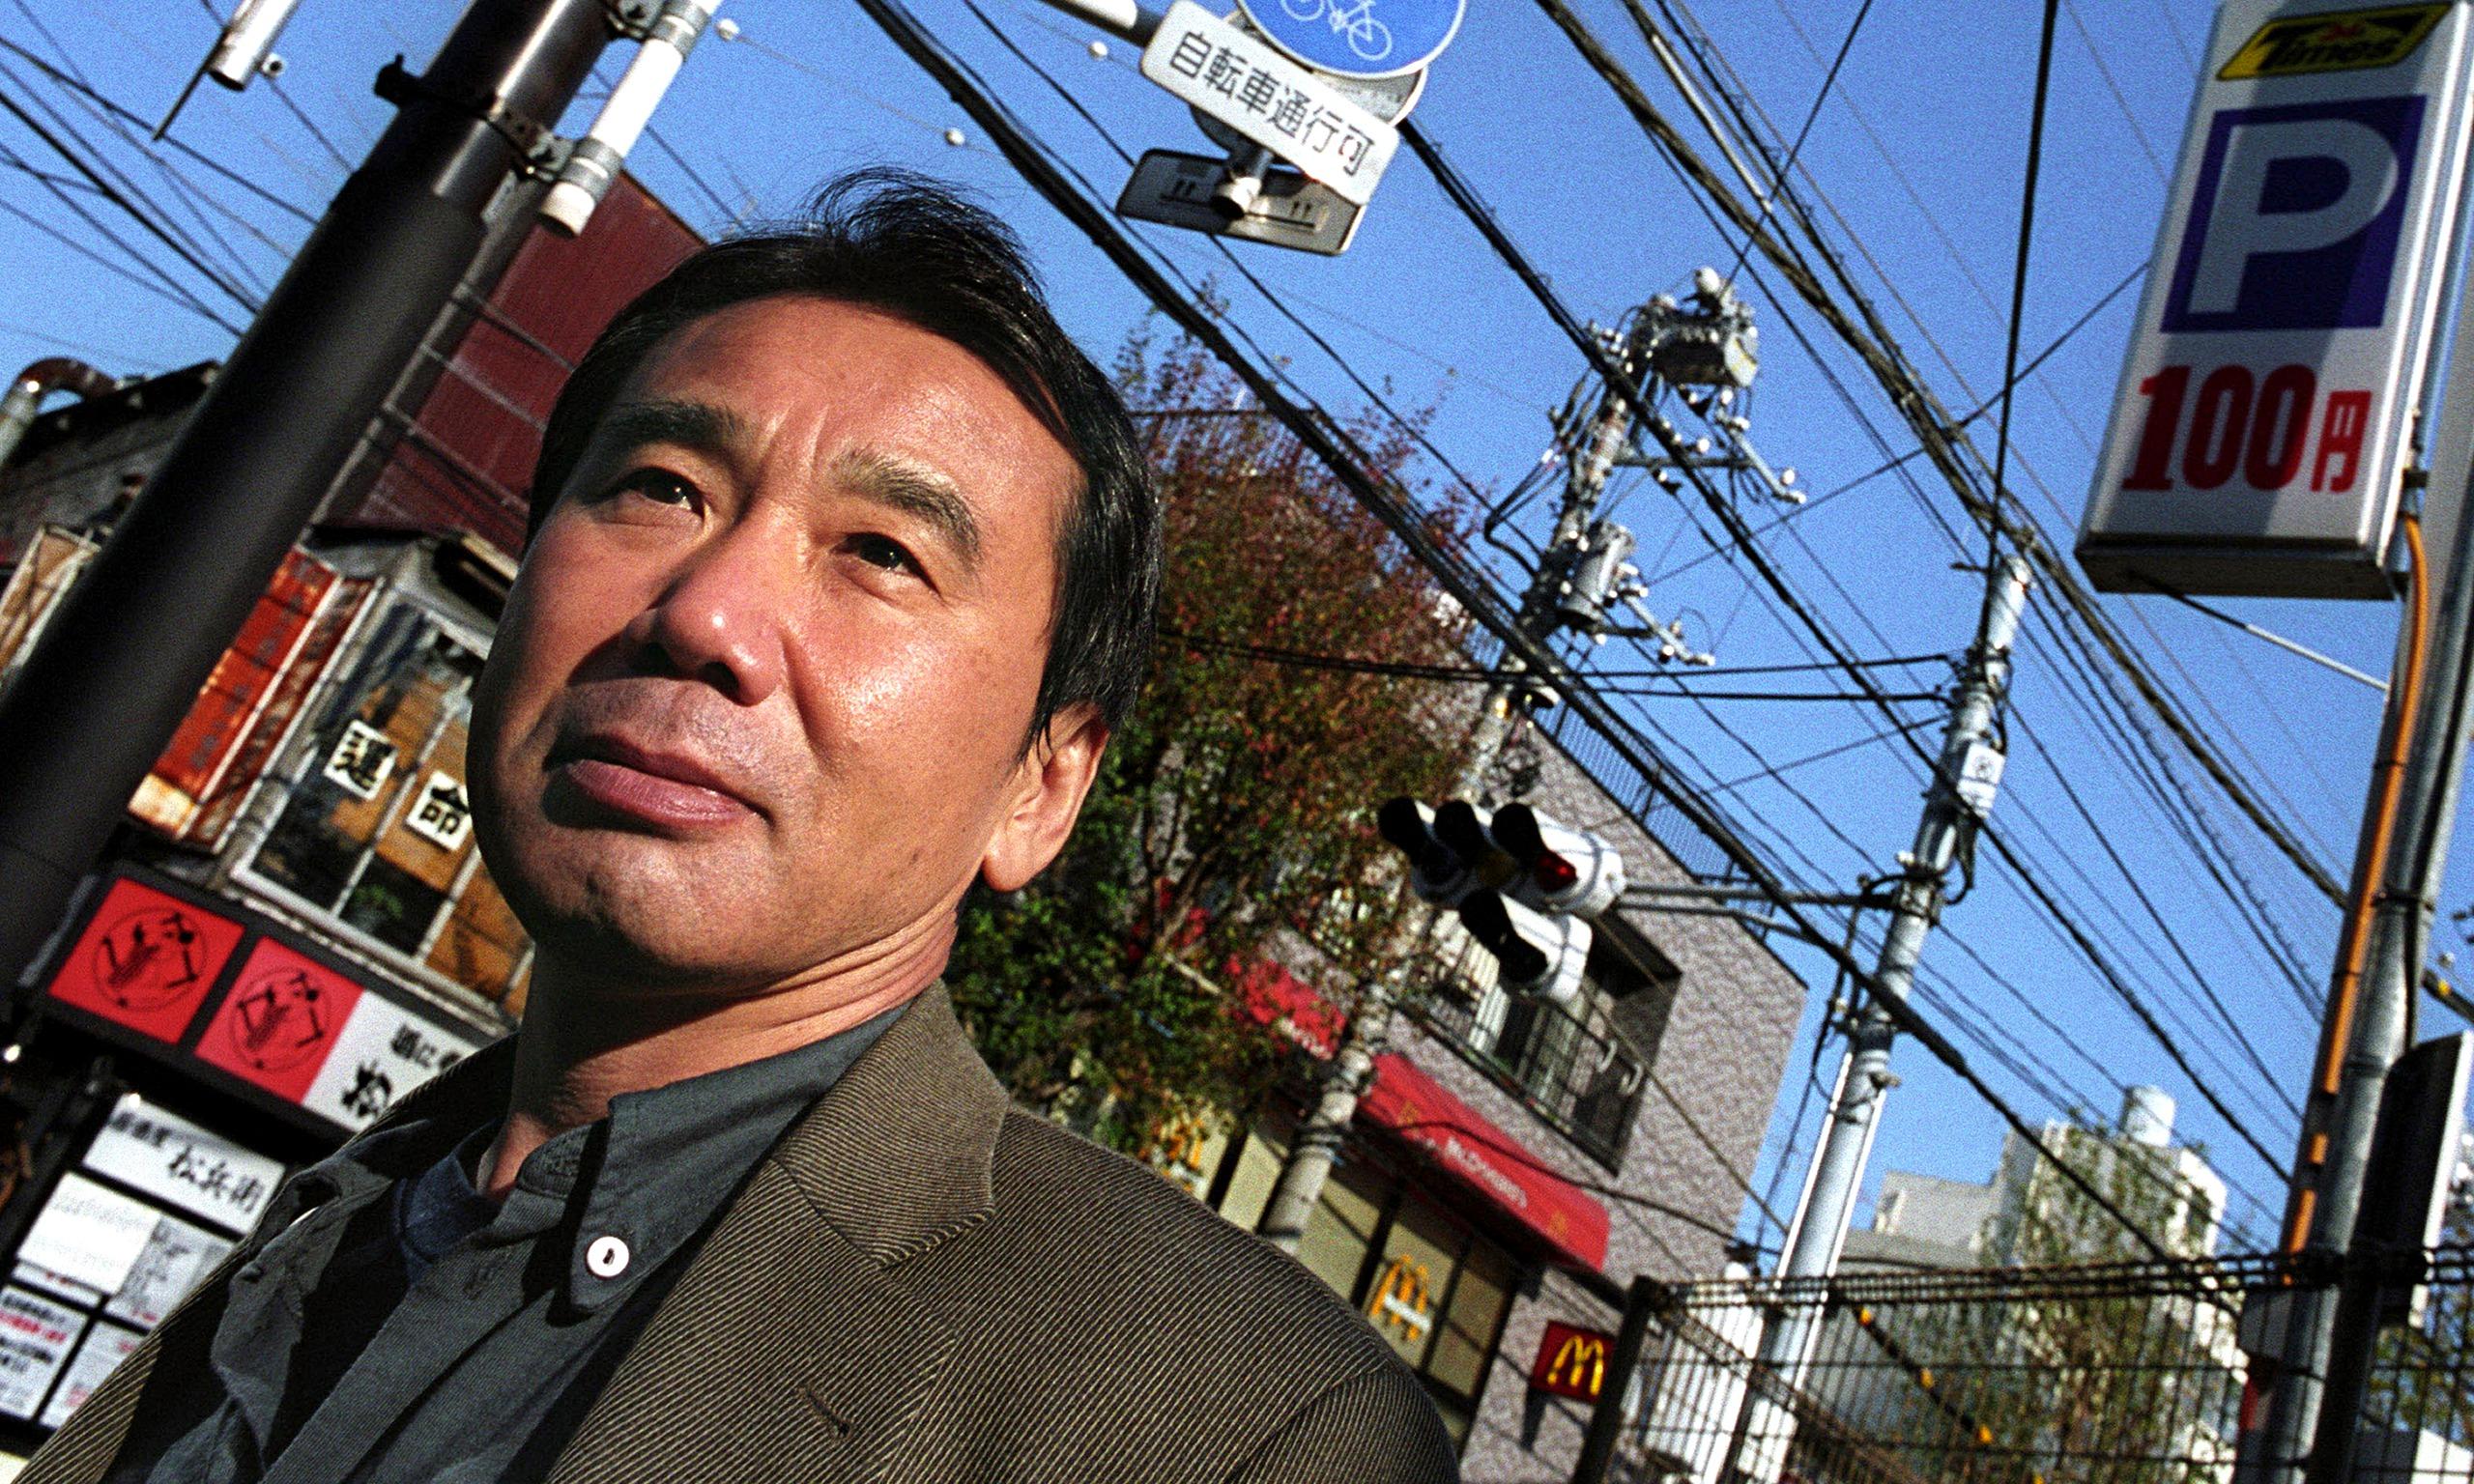 haruki murakami essays View haruki murakami research papers on academiaedu for free.